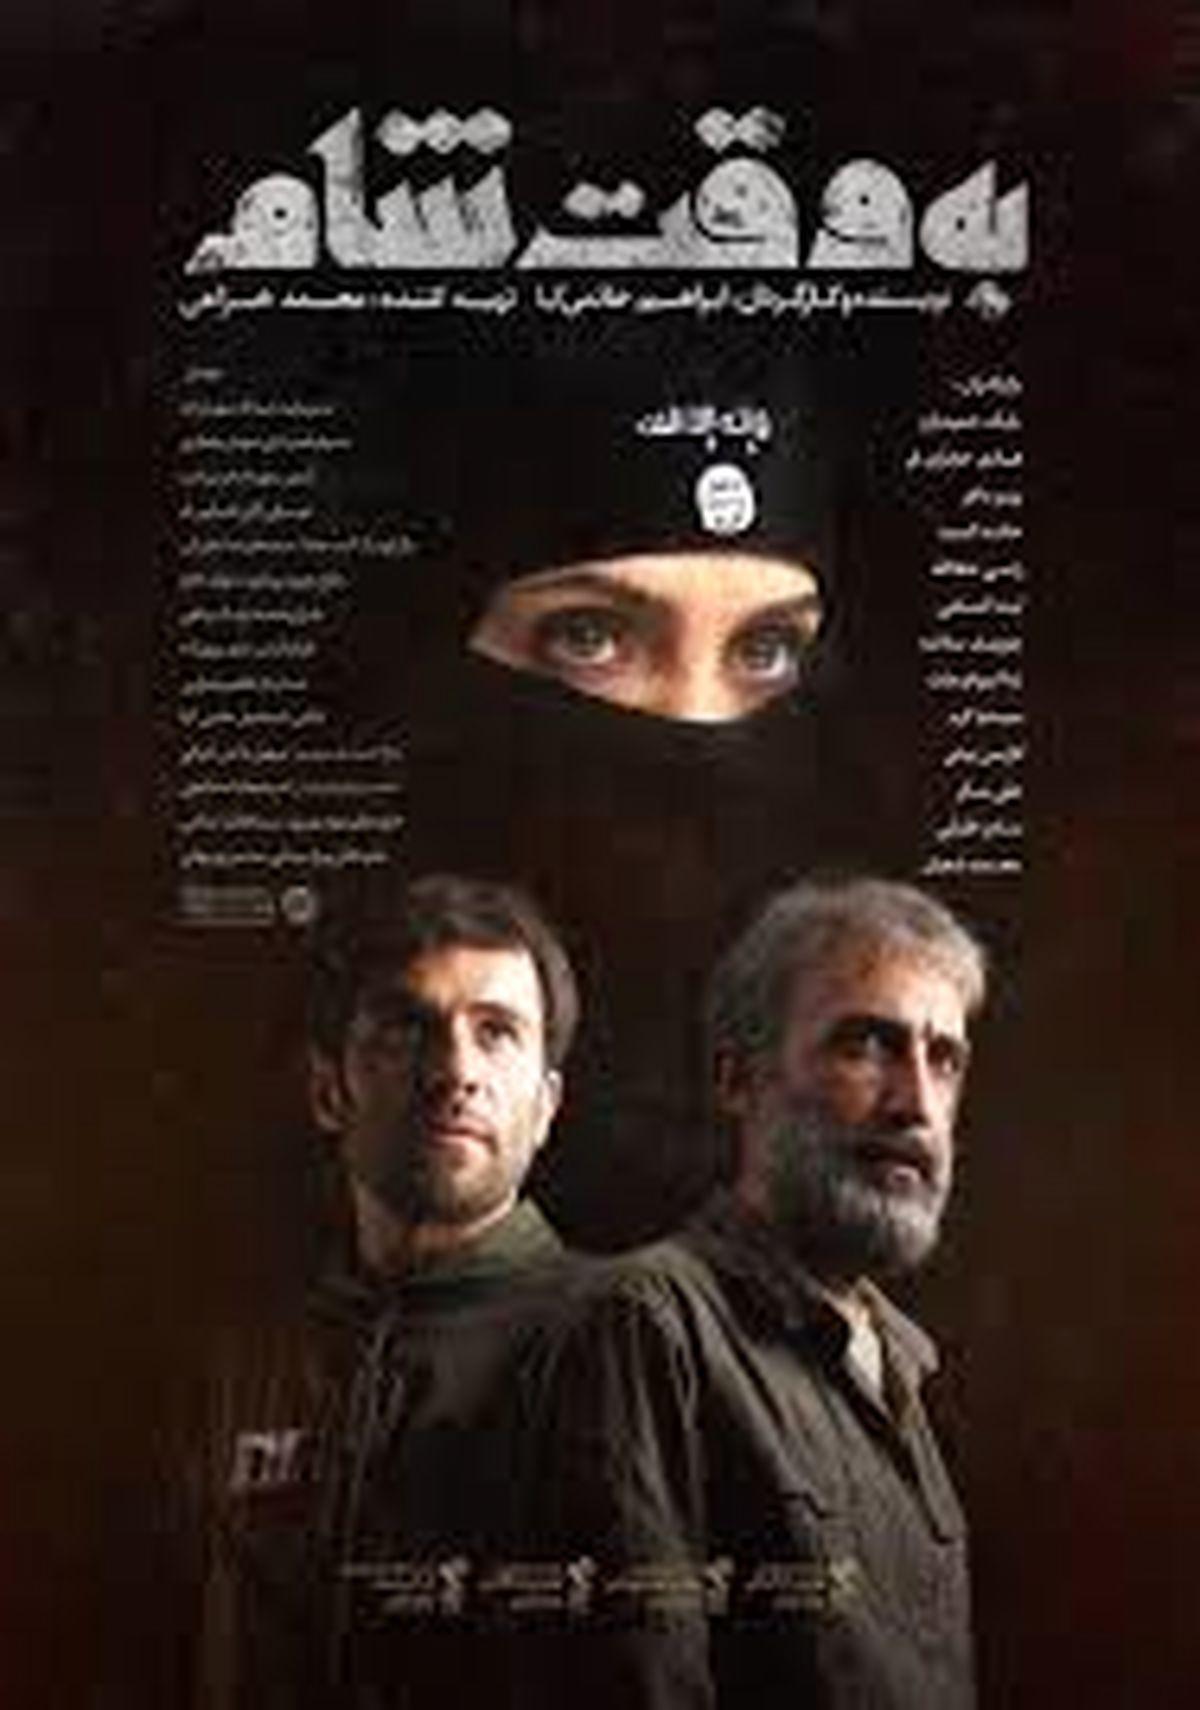 اکران فیلم سینمایی «به وقت شام» در لاذقیه+عکس